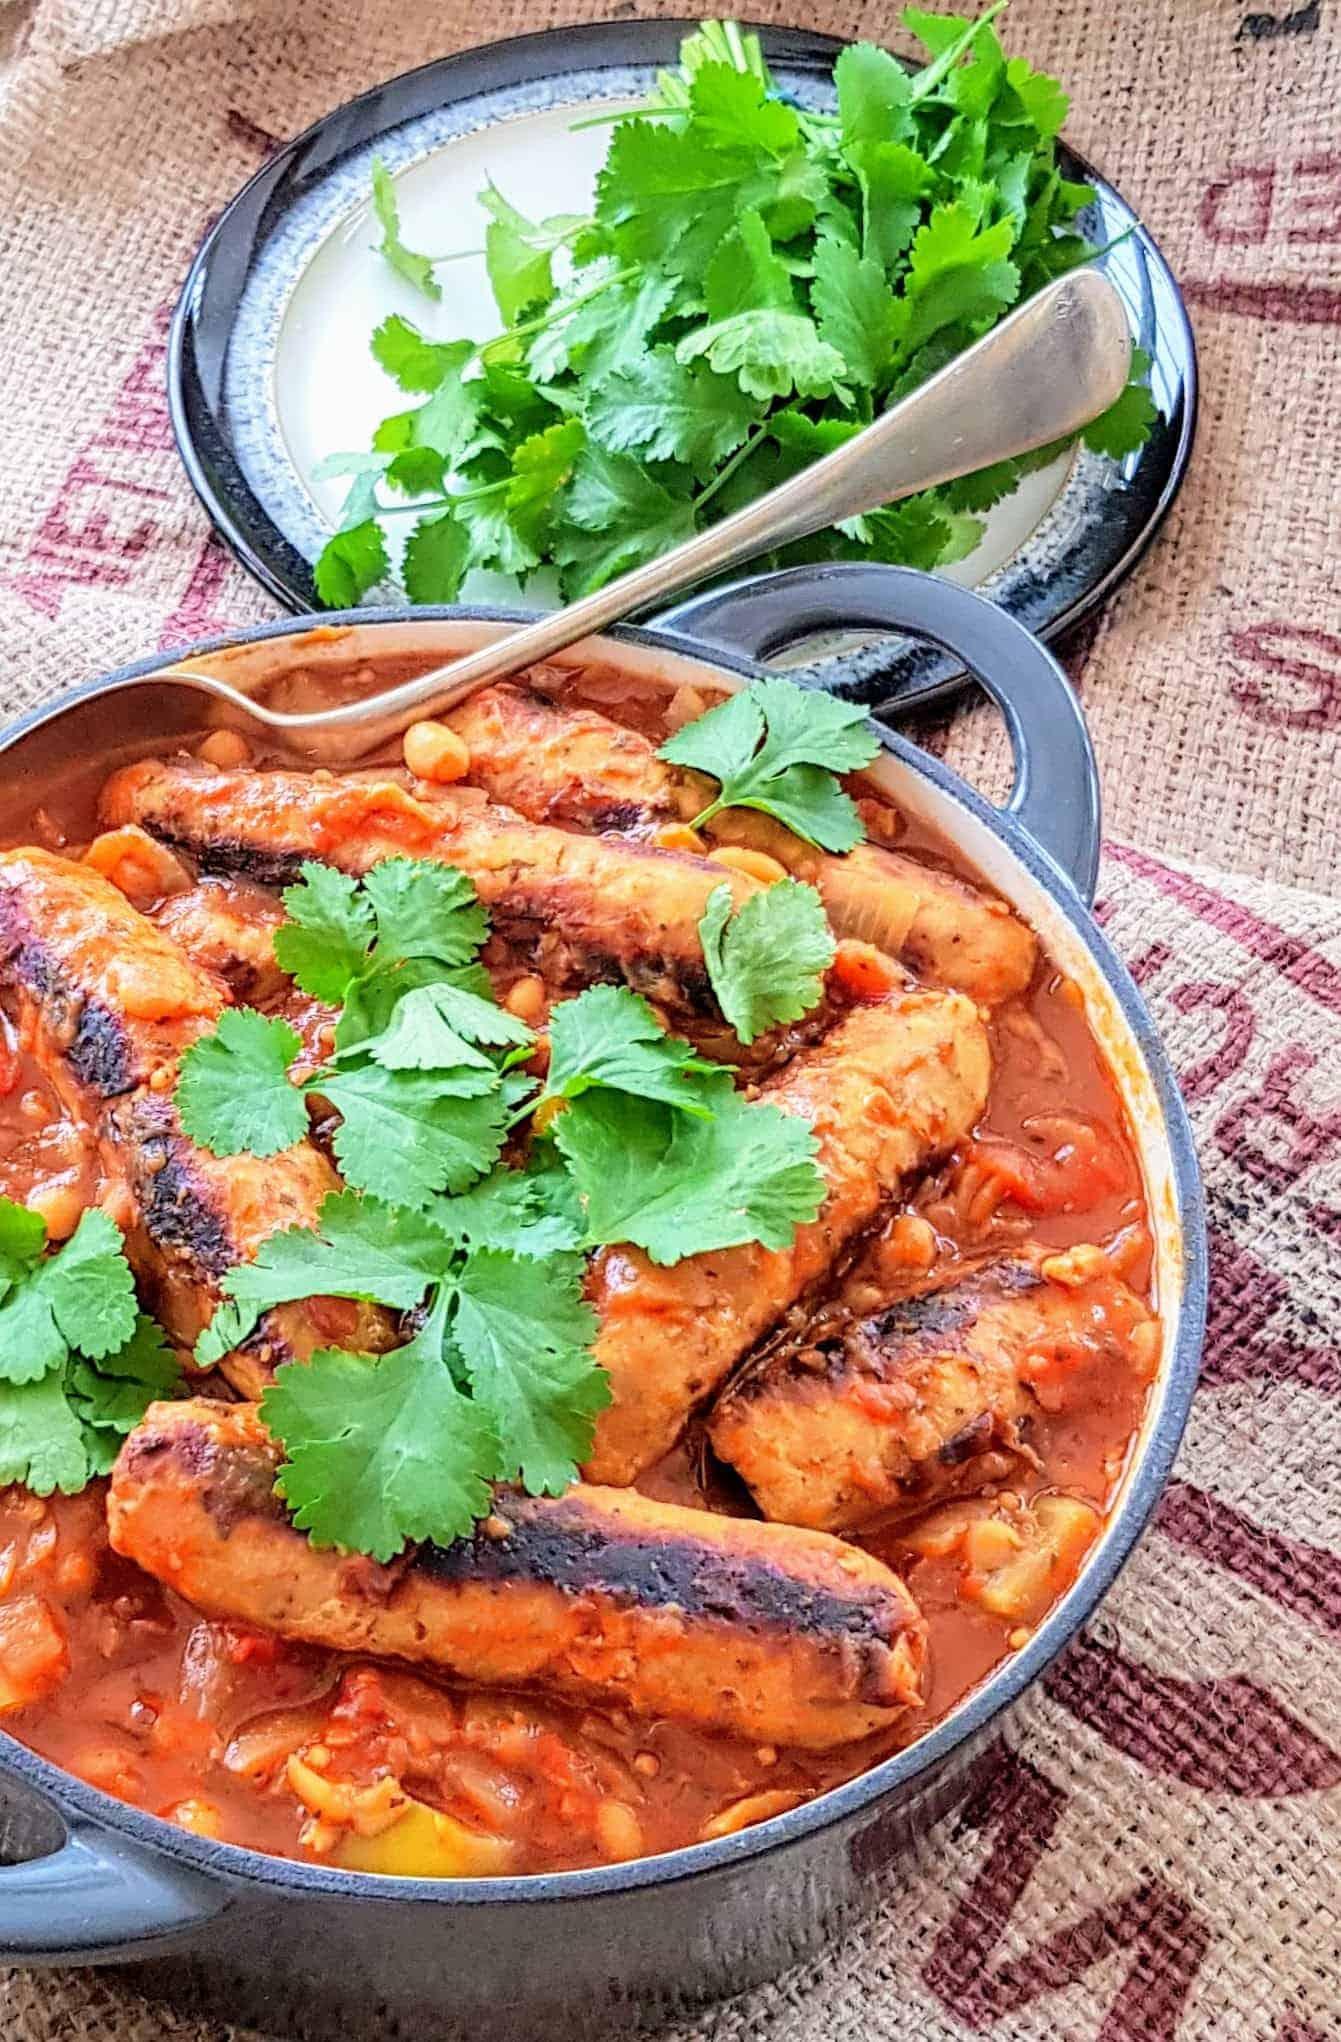 Ragoût de saucisses et de haricots dans un pot en fonte Denby